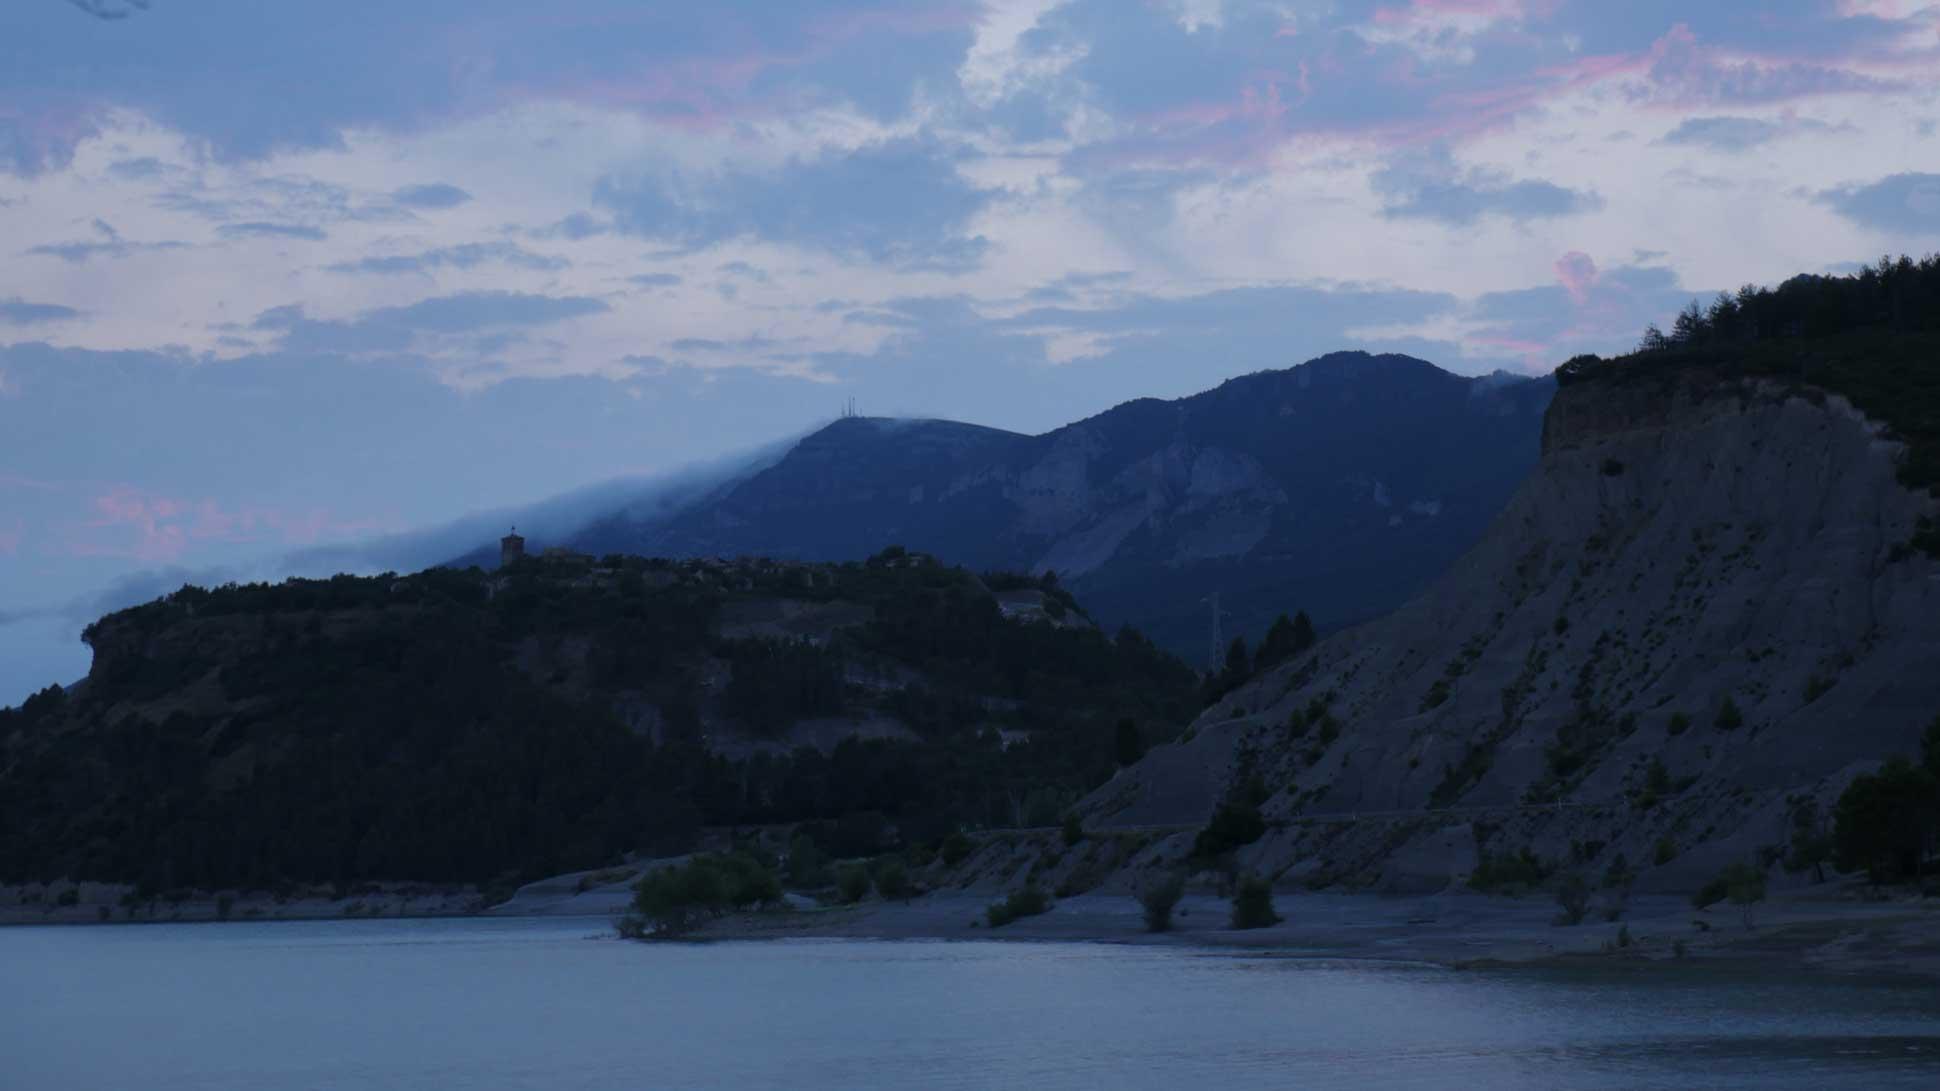 Silja-Mountain-View